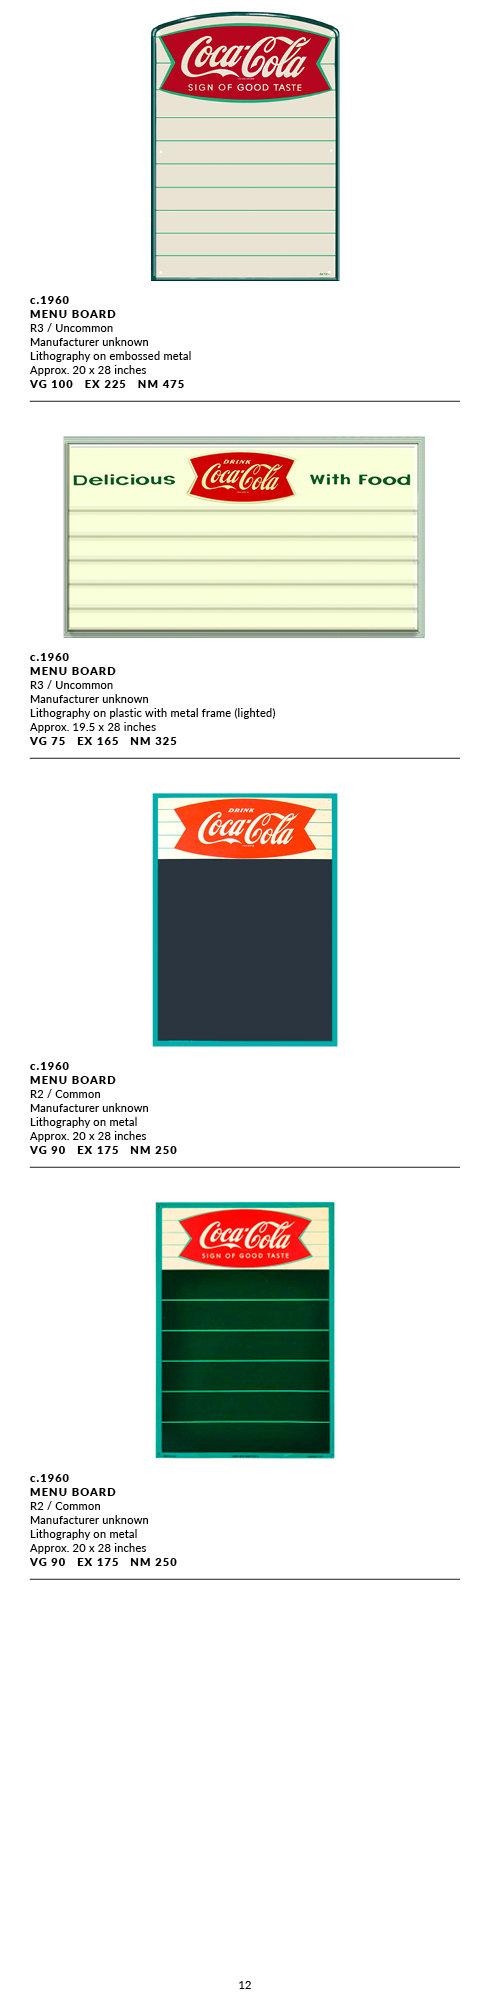 Menu Boards12.jpg